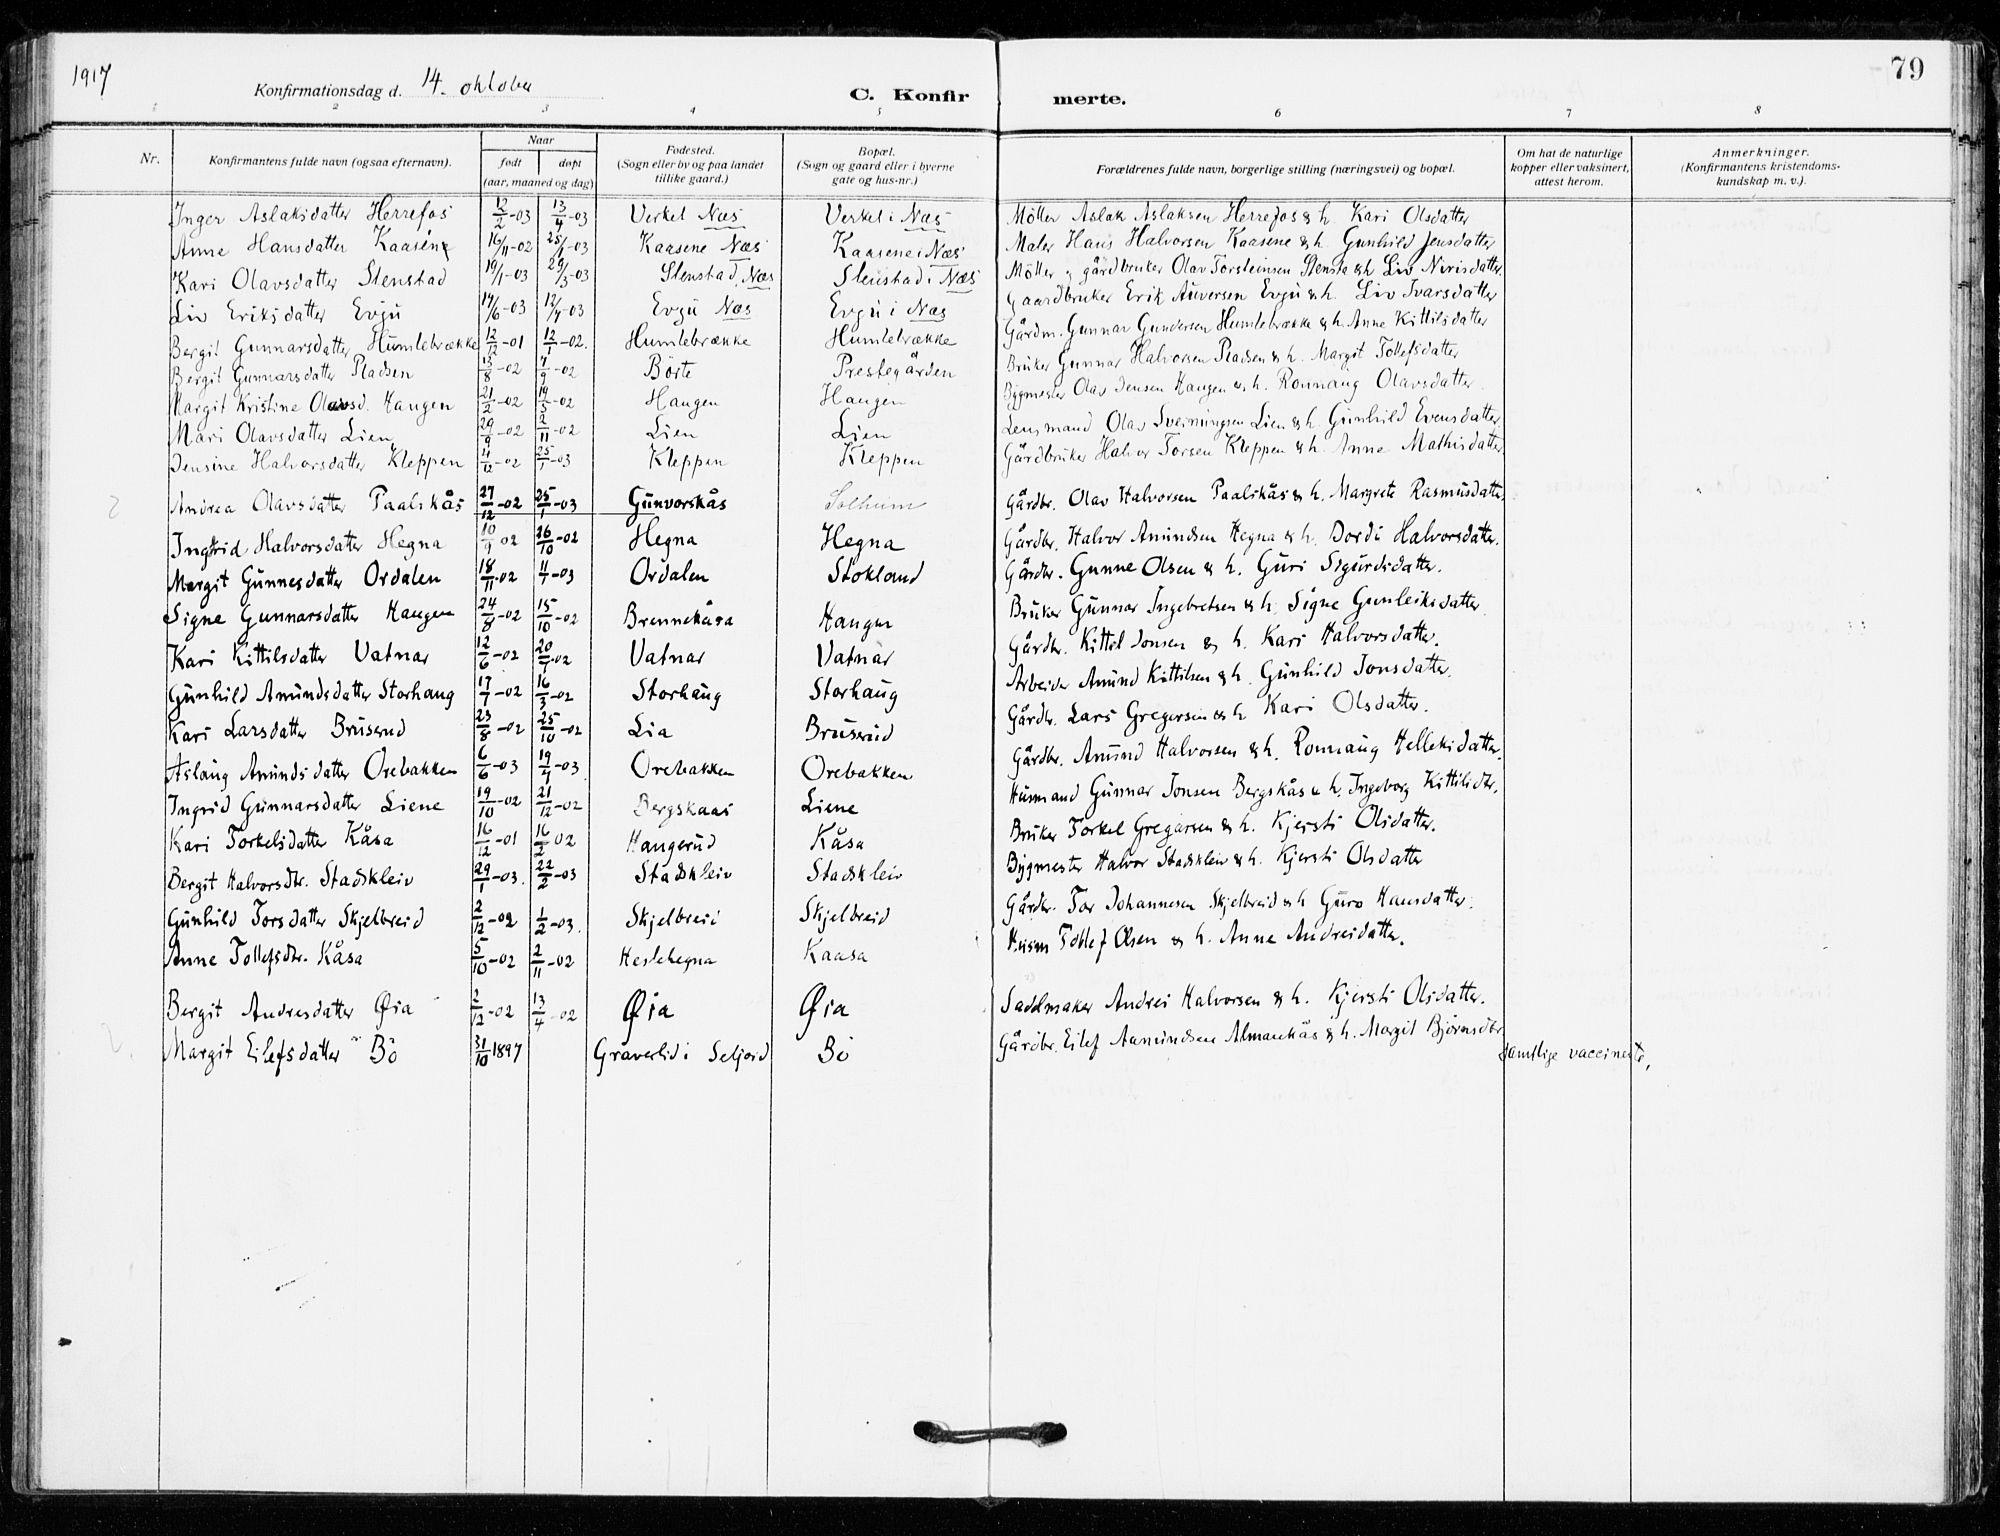 SAKO, Bø kirkebøker, F/Fa/L0013: Ministerialbok nr. 13, 1909-1921, s. 79